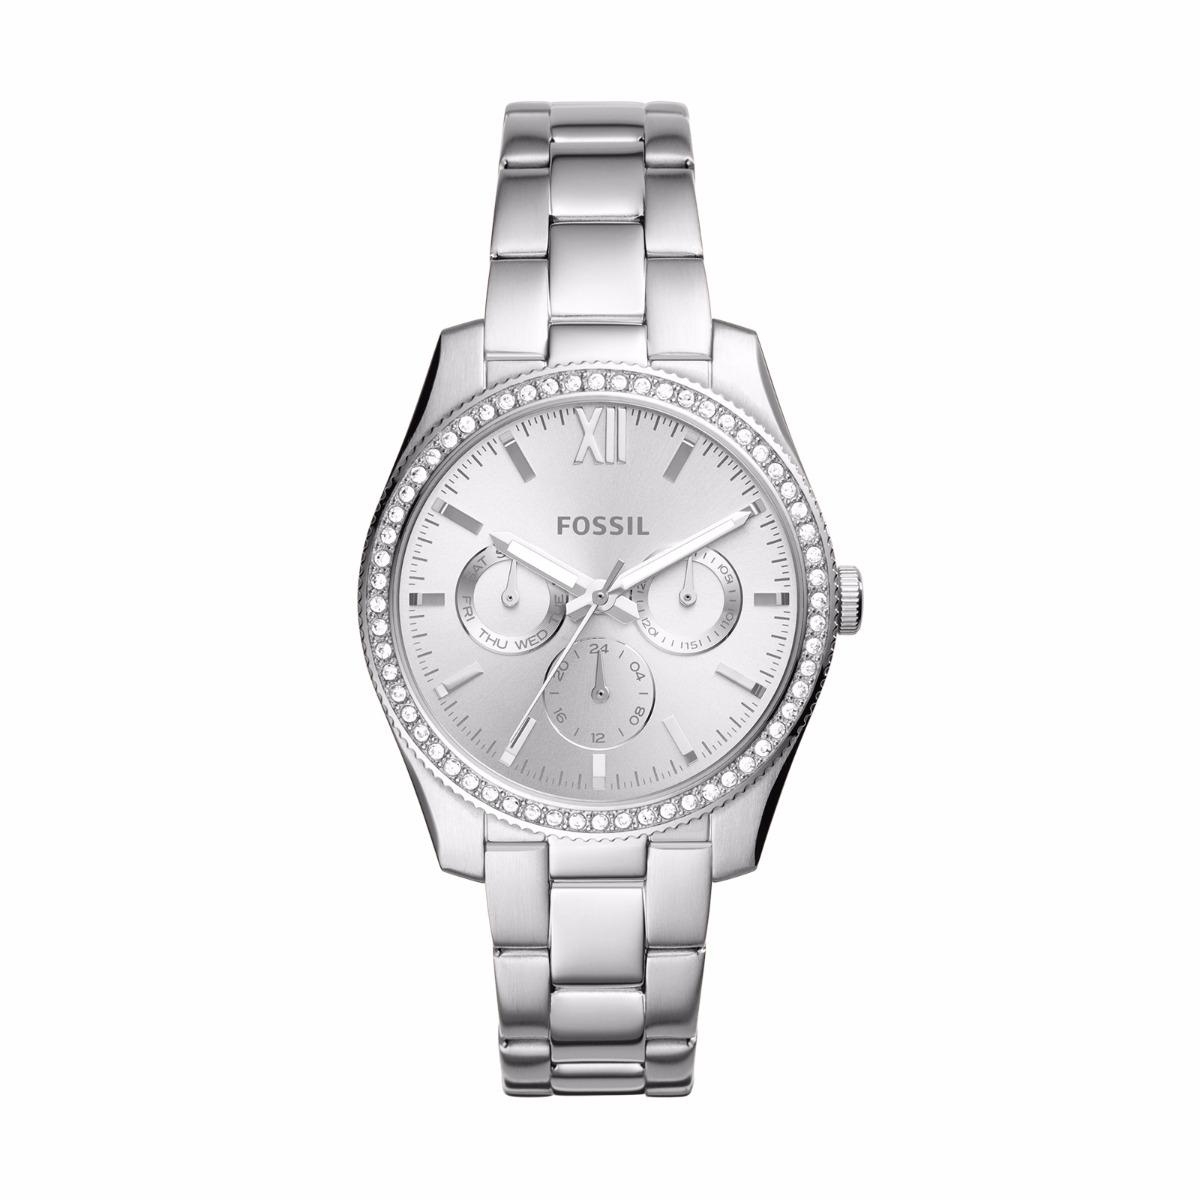 Reloj Fossil Para Mujer - Scarlette Es4314 -   520.000 en Mercado Libre d9b6f65af9bd